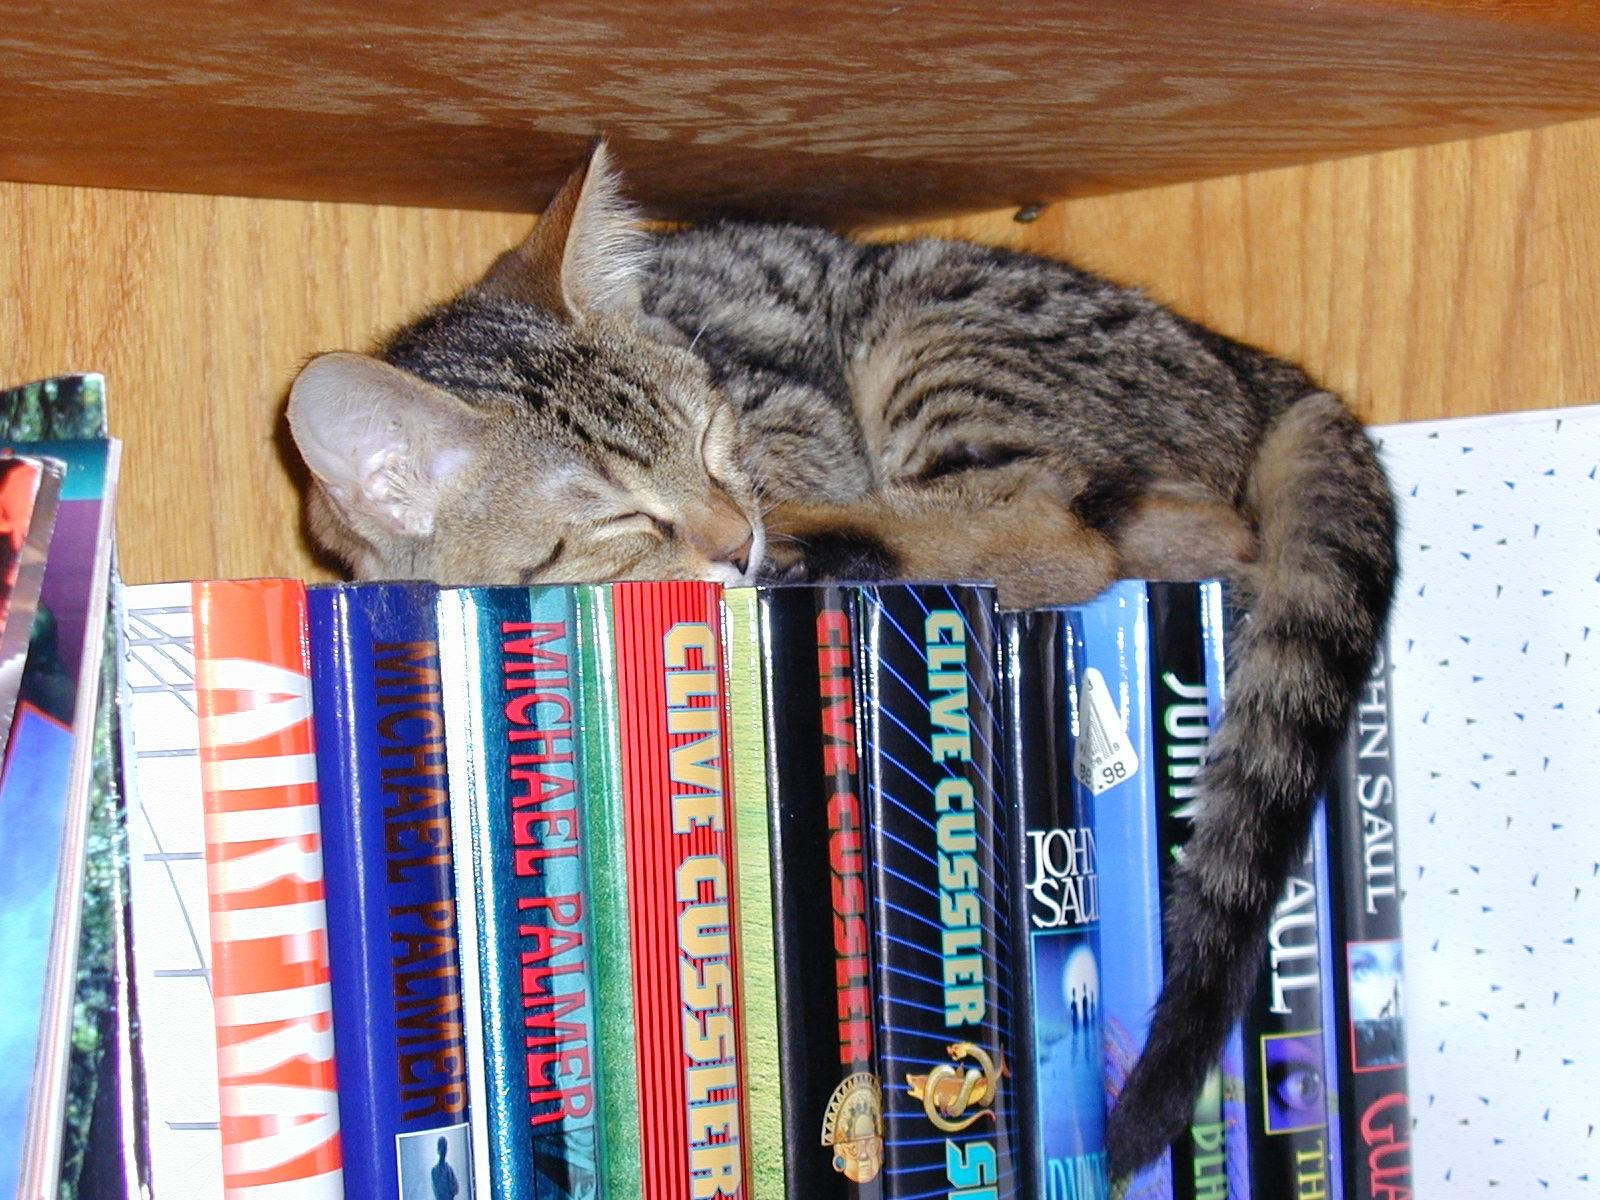 Download Cats Books Wallpaper 1600x1200 | Wallpoper #427488